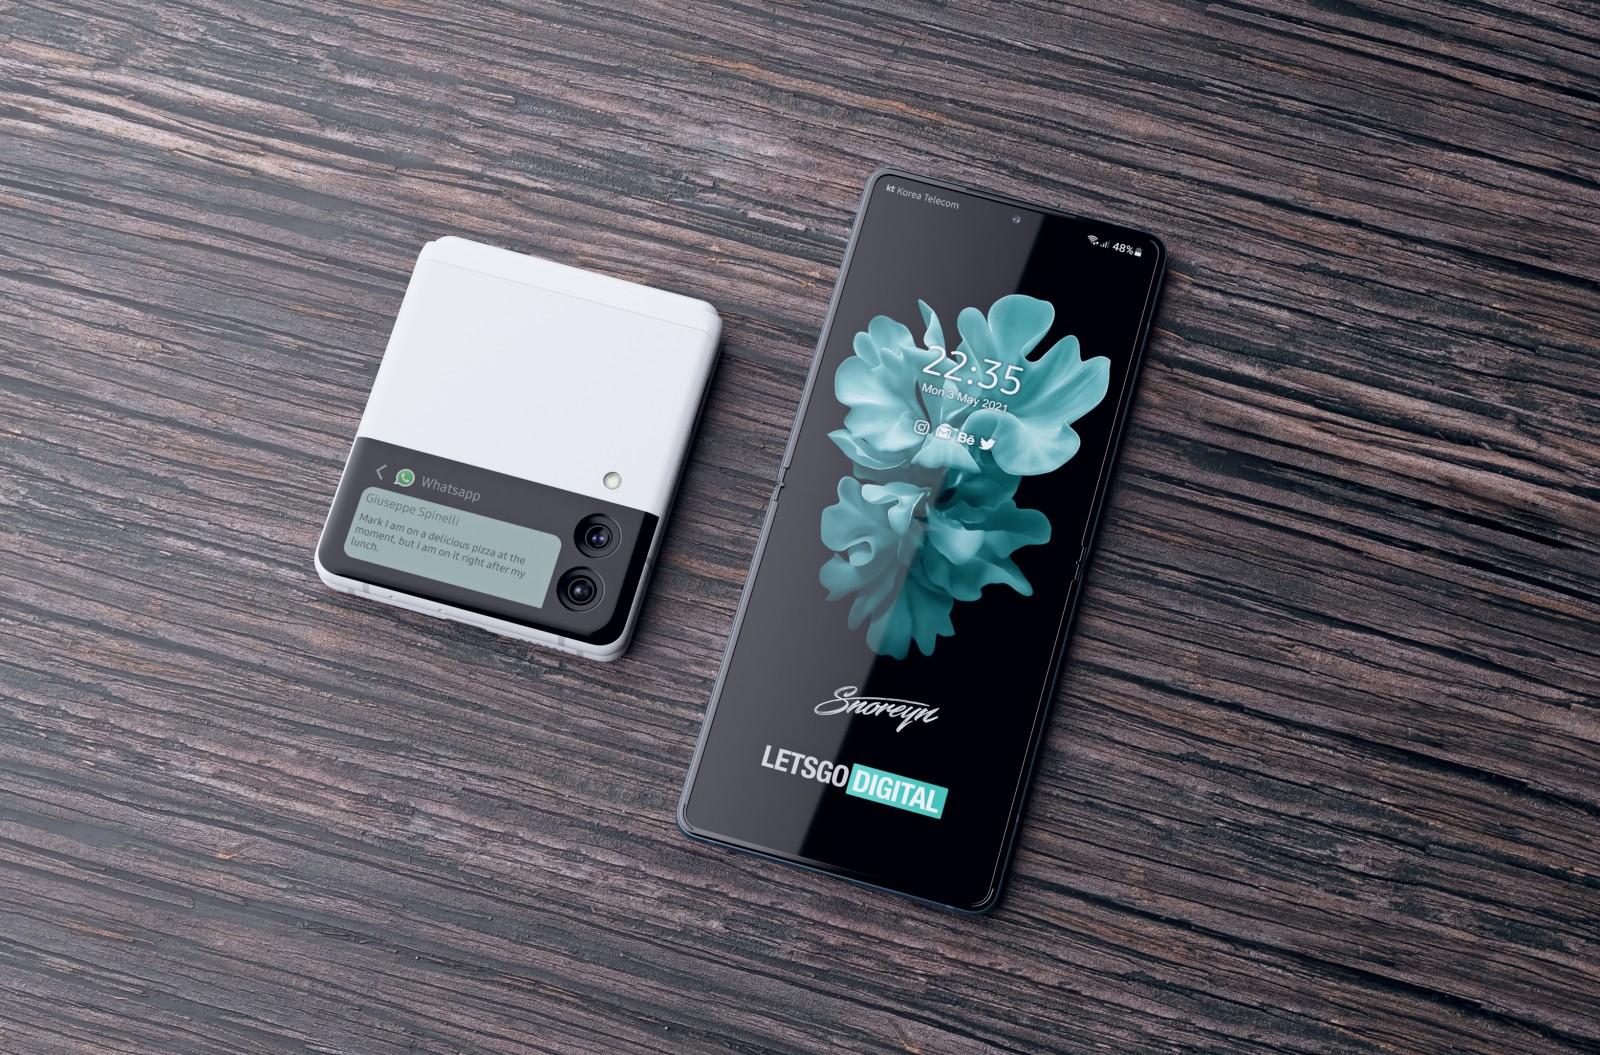 قیمت دو گوشی گلکسی زد فلیپ 3 و زد فولد 3 چقدر خواهد بود؟